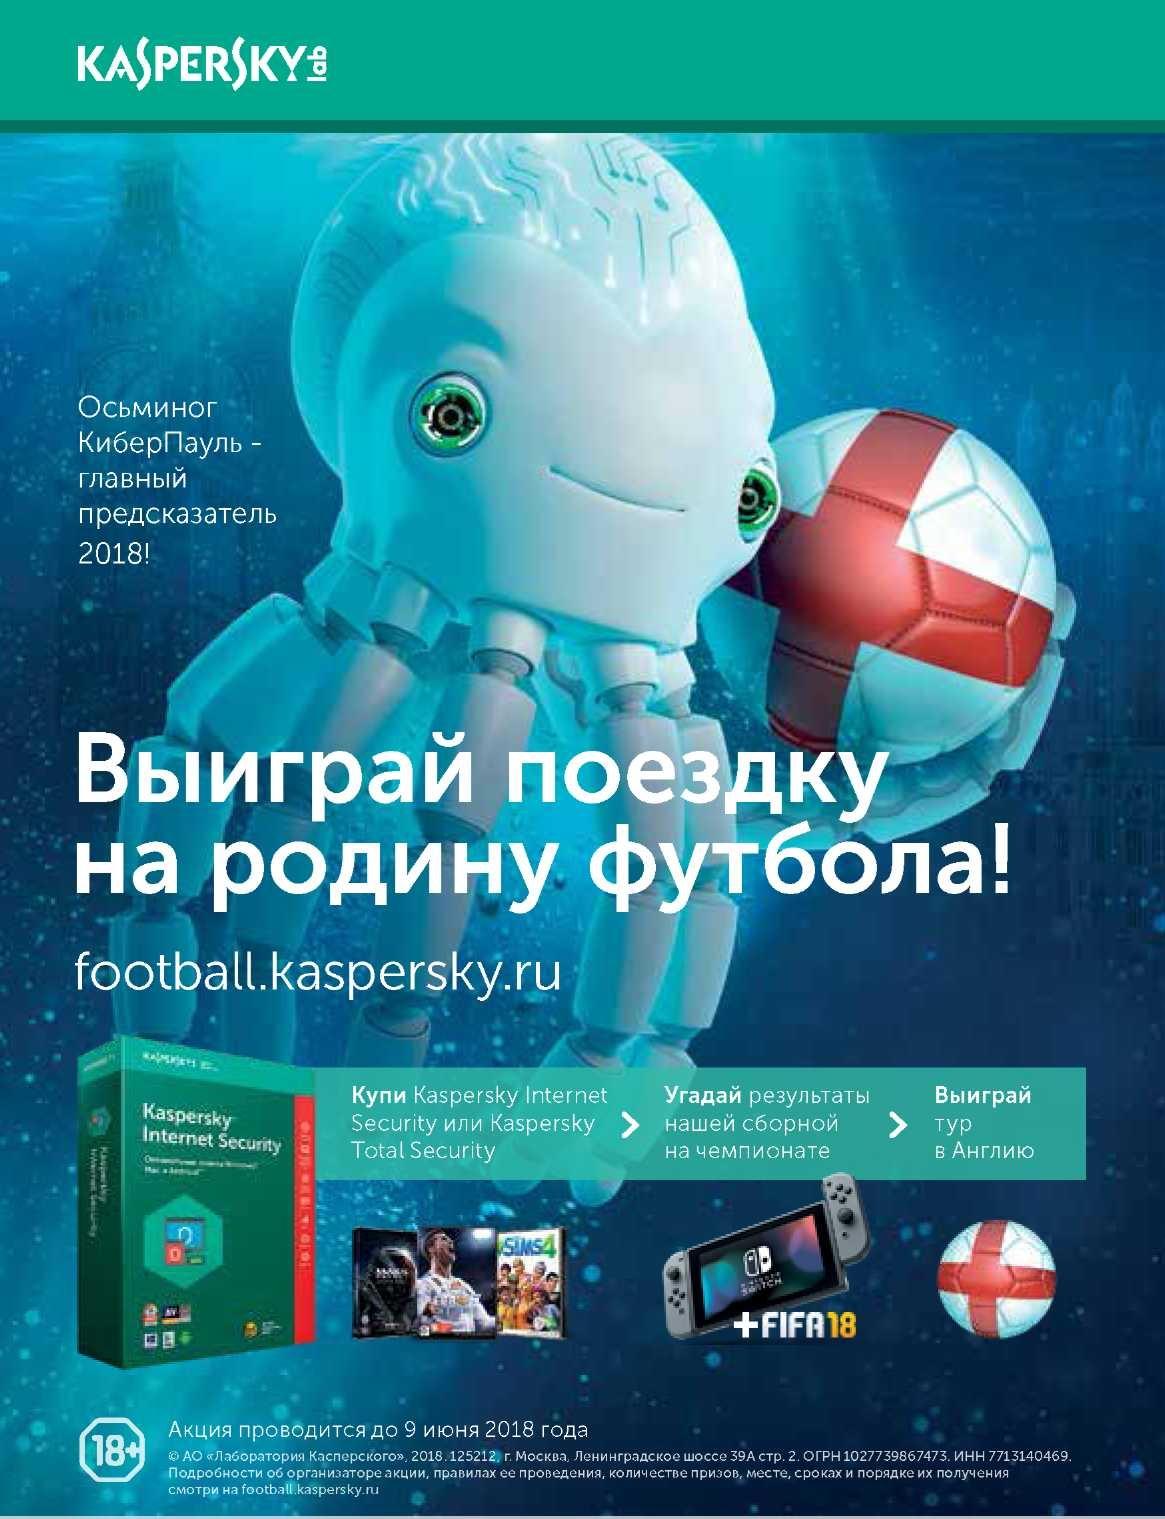 Купить Kaspersky Total Security на 3 устройства на 1 год. RU